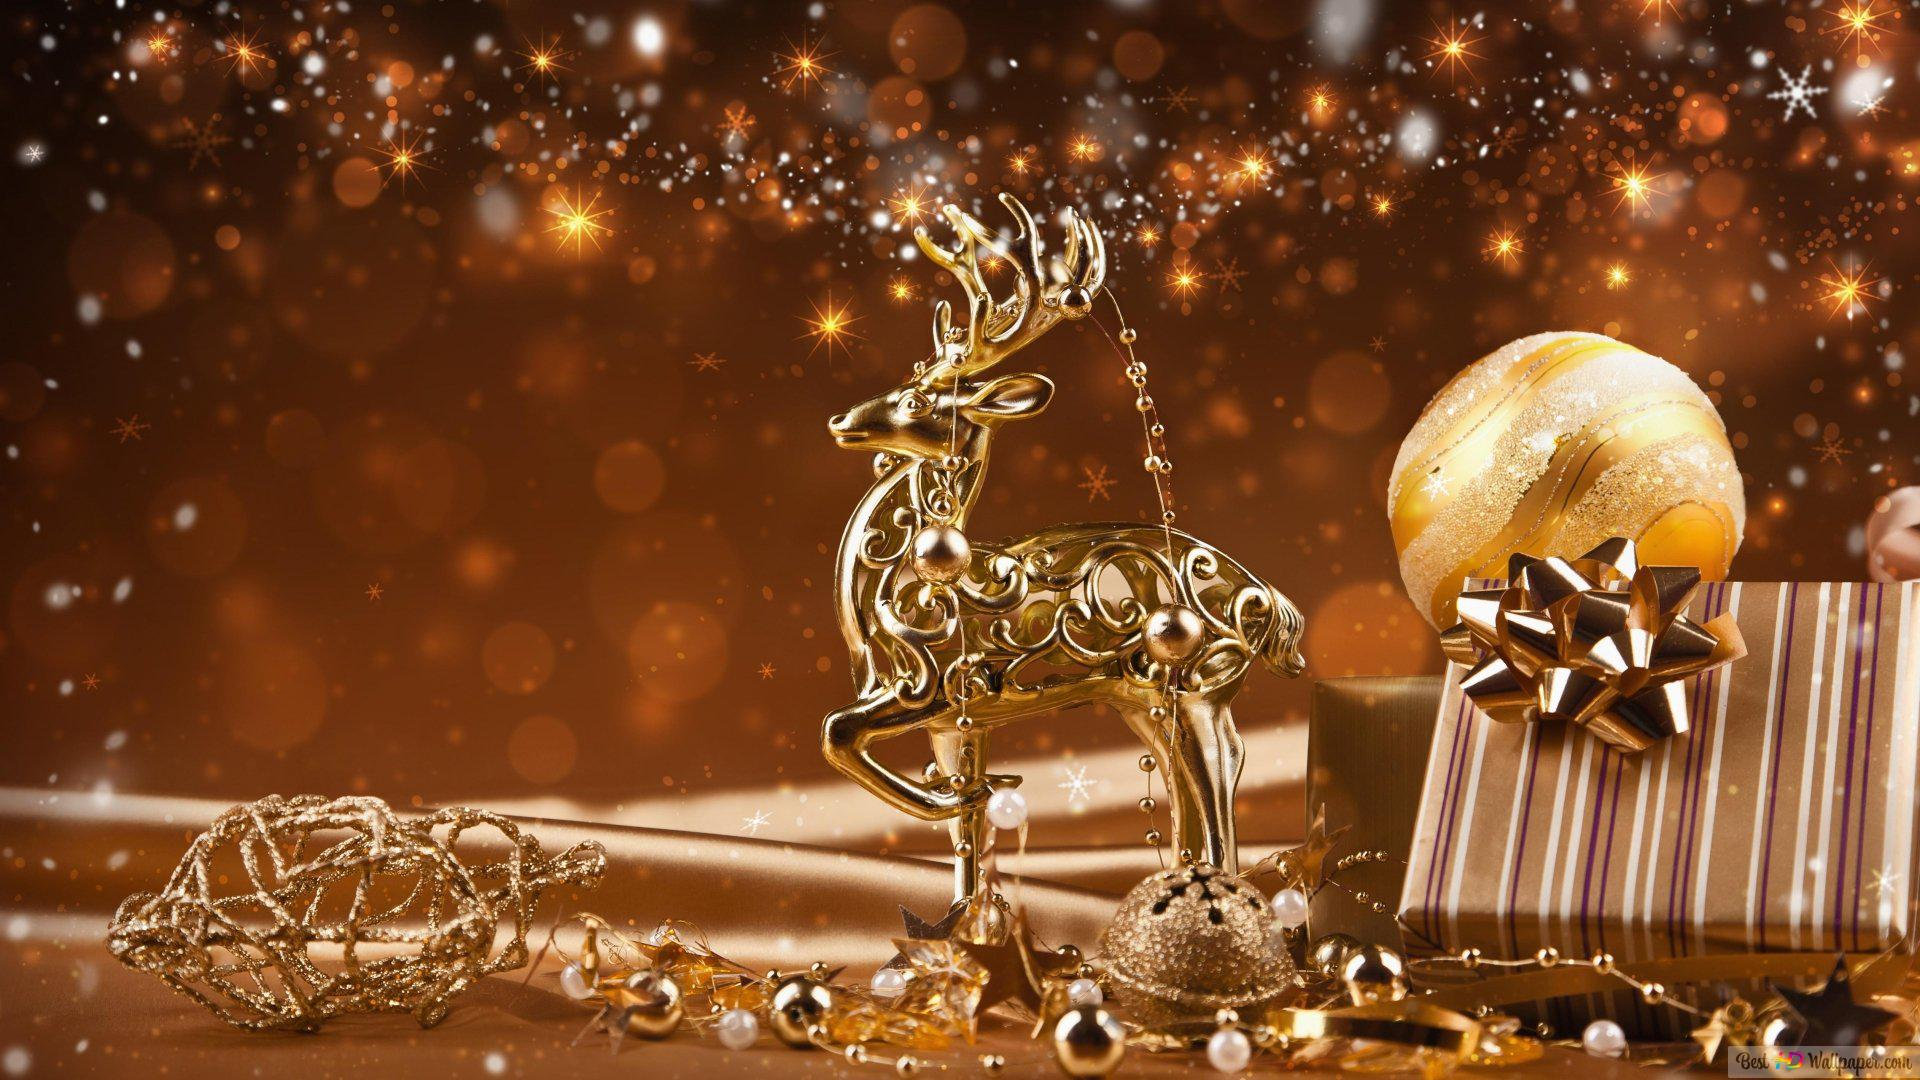 Weihnachten Hd Bilder.Goldenes Themed Weihnachten Hd Hintergrundbilder Herunterladen